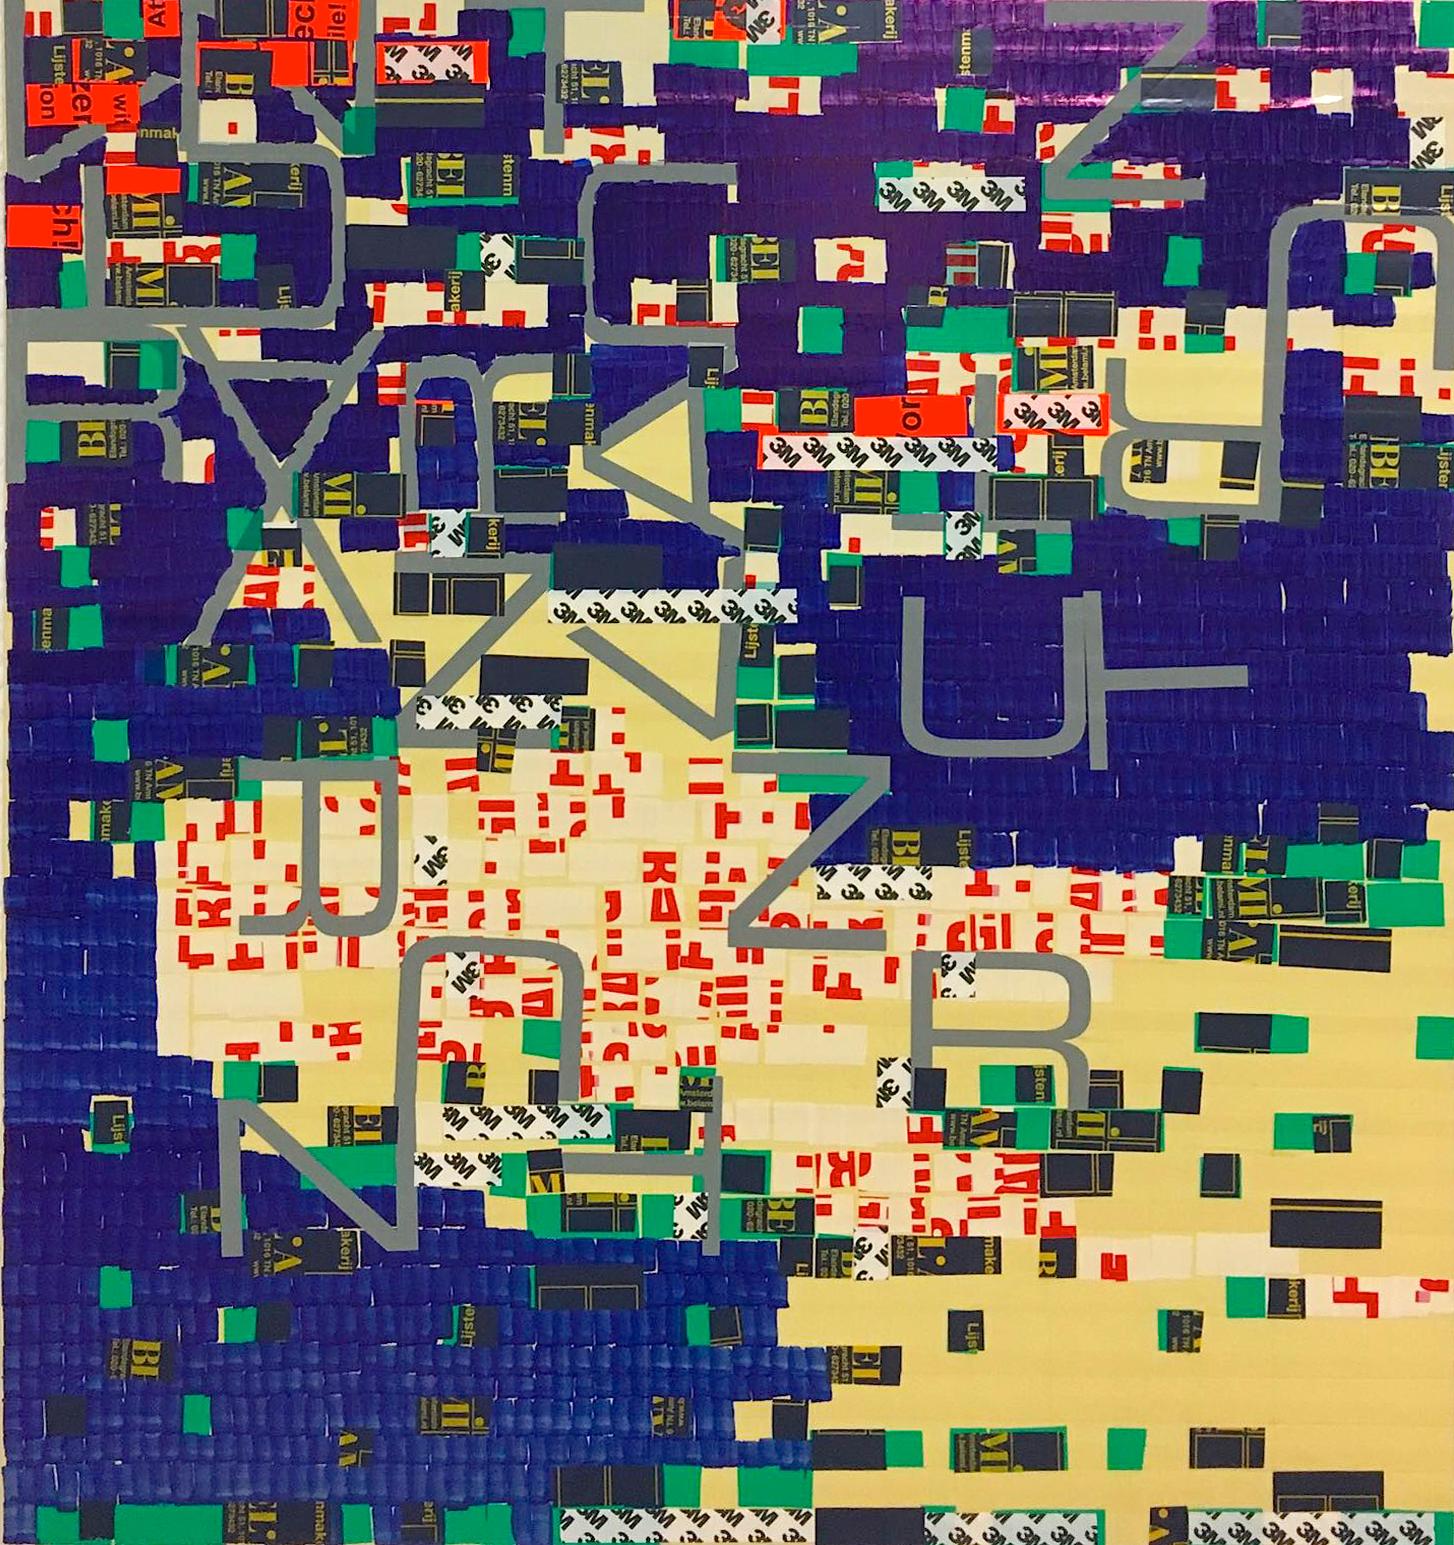 Untitled Oleksiy Koval, 2016 75 x 70 cm, marker, tape, foil on FPY